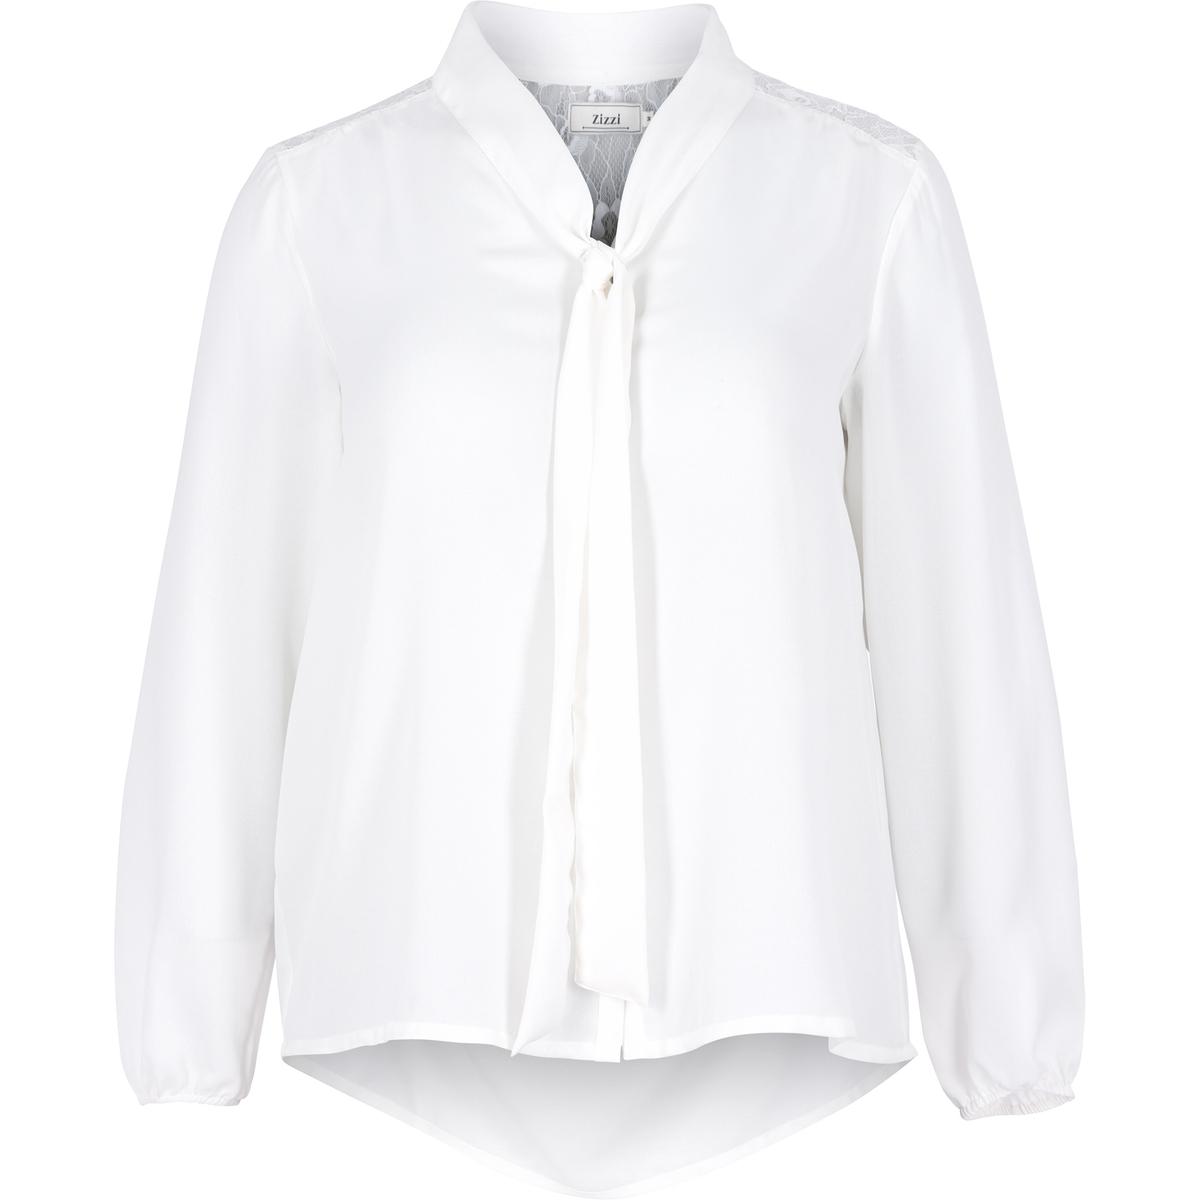 БлузкаСимпатичная блузка с длинными рукавами и с воротником-лавальер . Верх спинки из красивого кружева . Небольшие пуговицы спереди. Слегка присборенные рукава  .<br><br>Цвет: белый,черный<br>Размер: 50/52 (FR) - 56/58 (RUS)